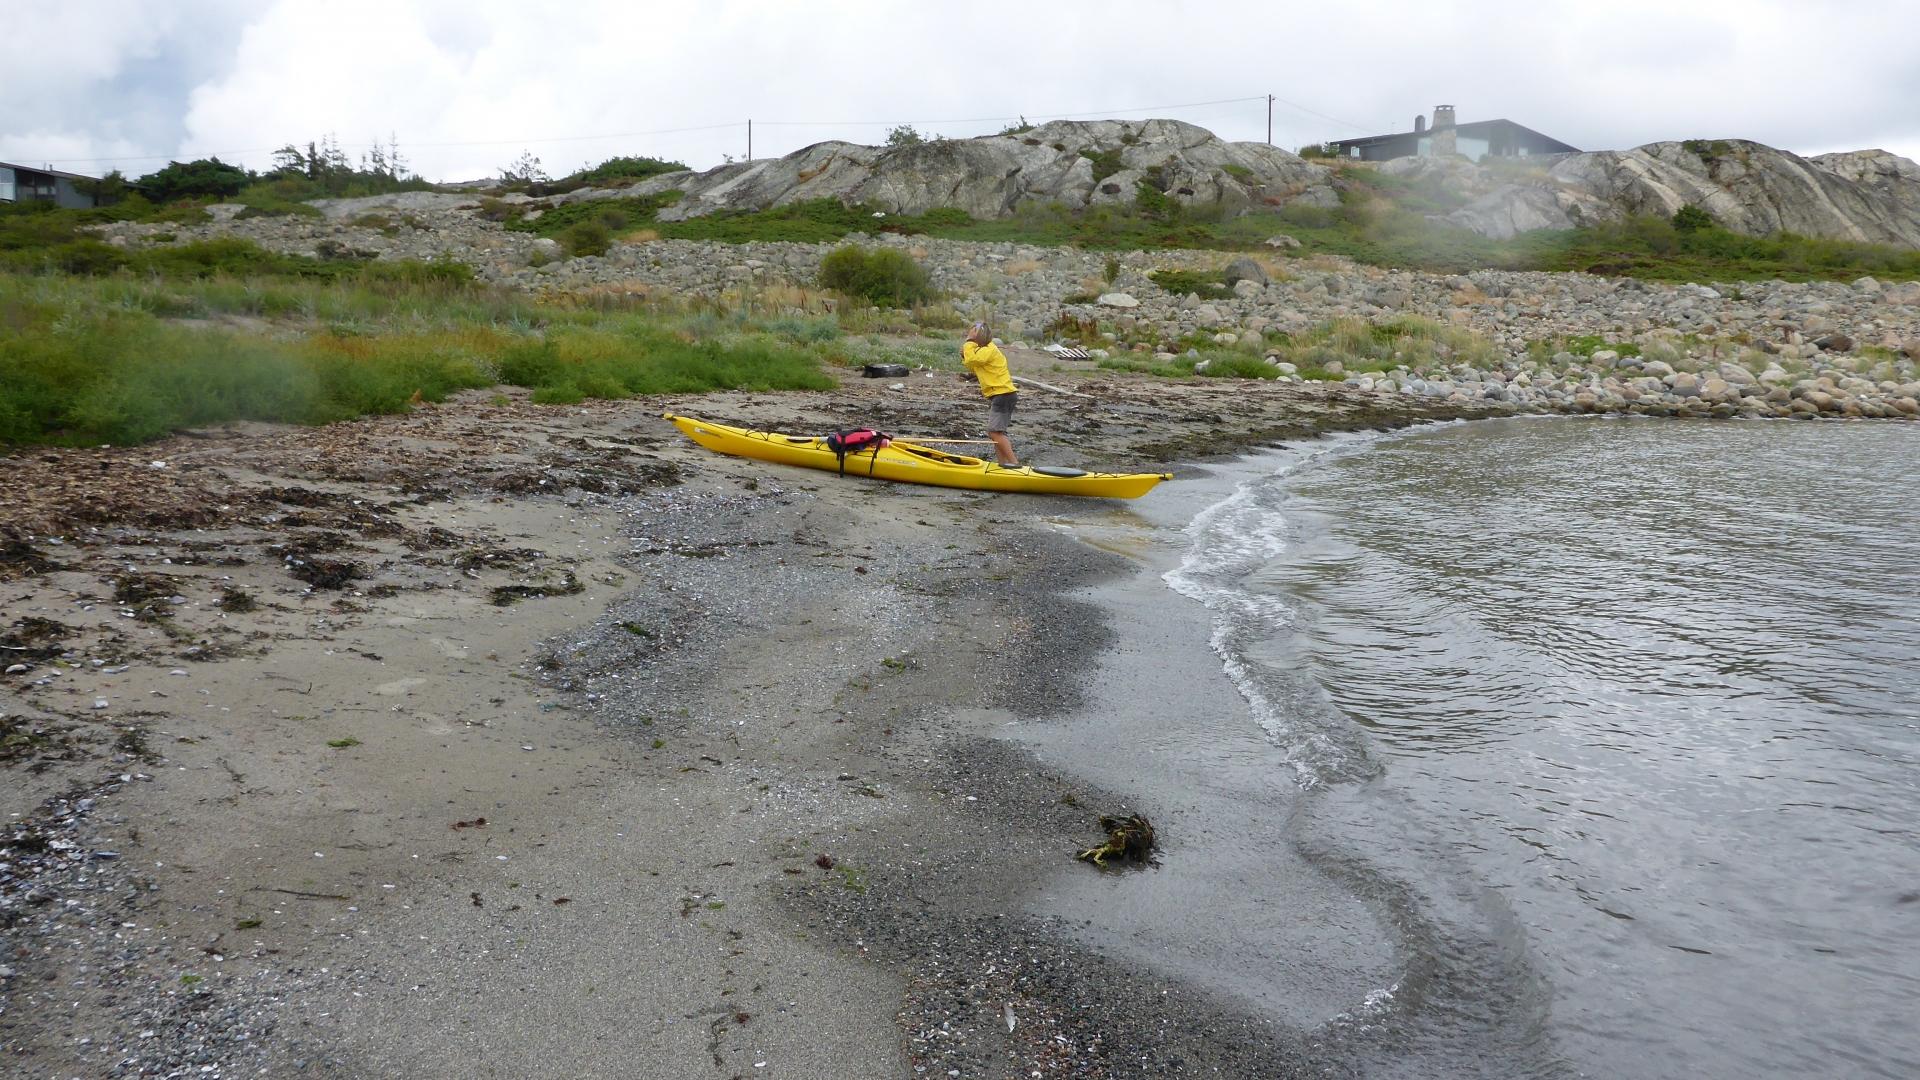 Stranda i Grønnebauen, Herføl